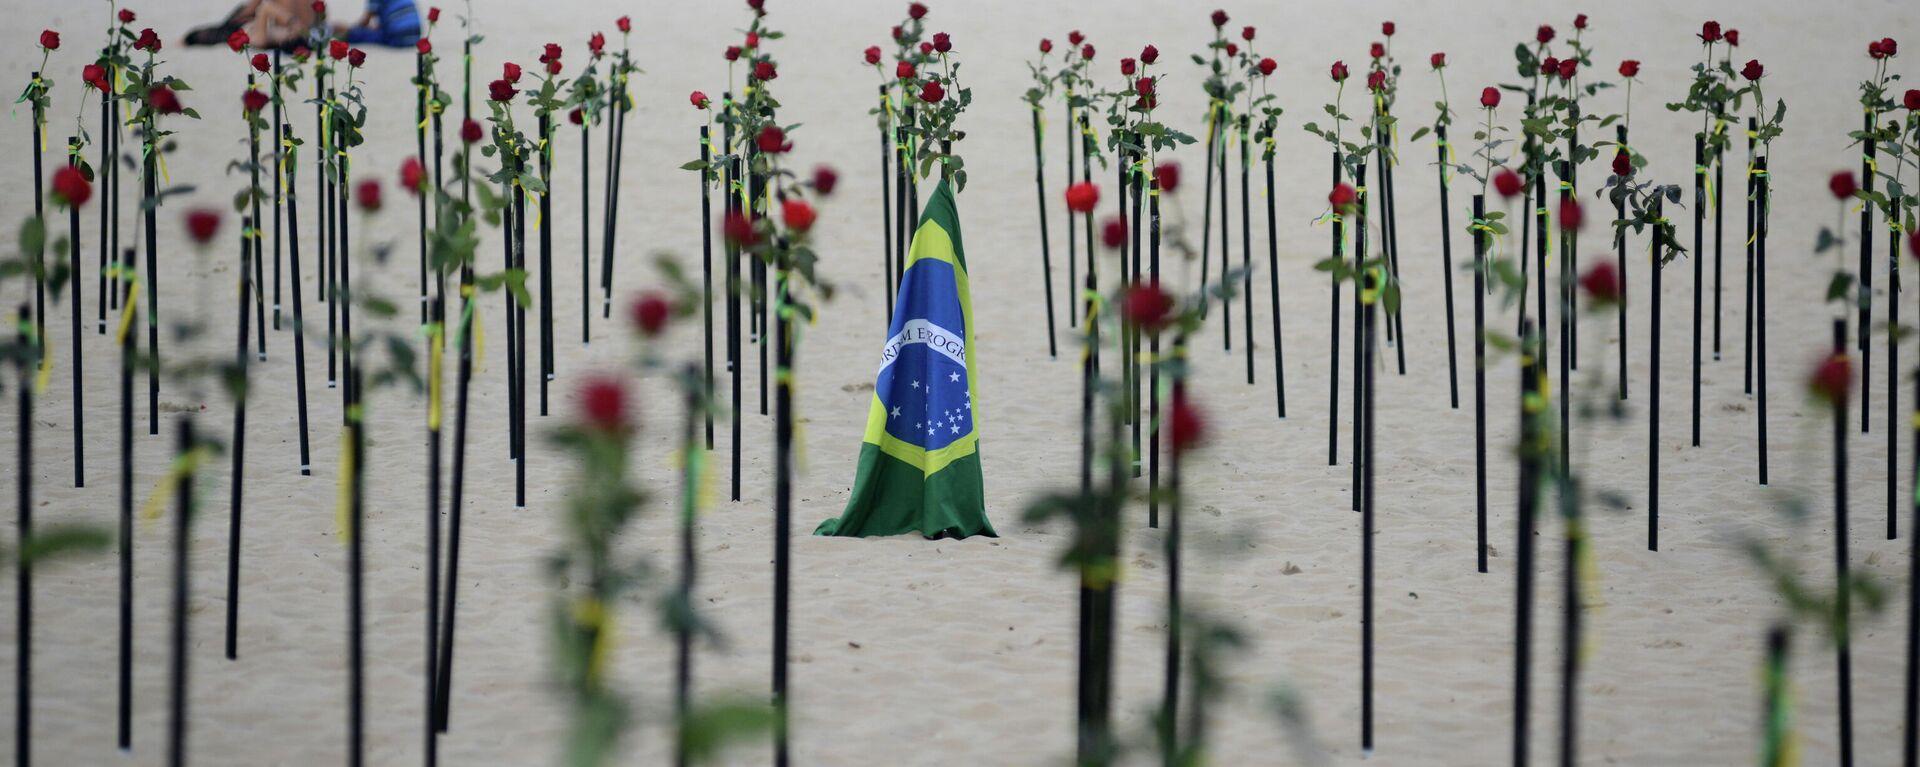 La playa de Copacabana recuerda al medio millón de muertos por el coronavirus en Brasil - Sputnik Mundo, 1920, 20.06.2021